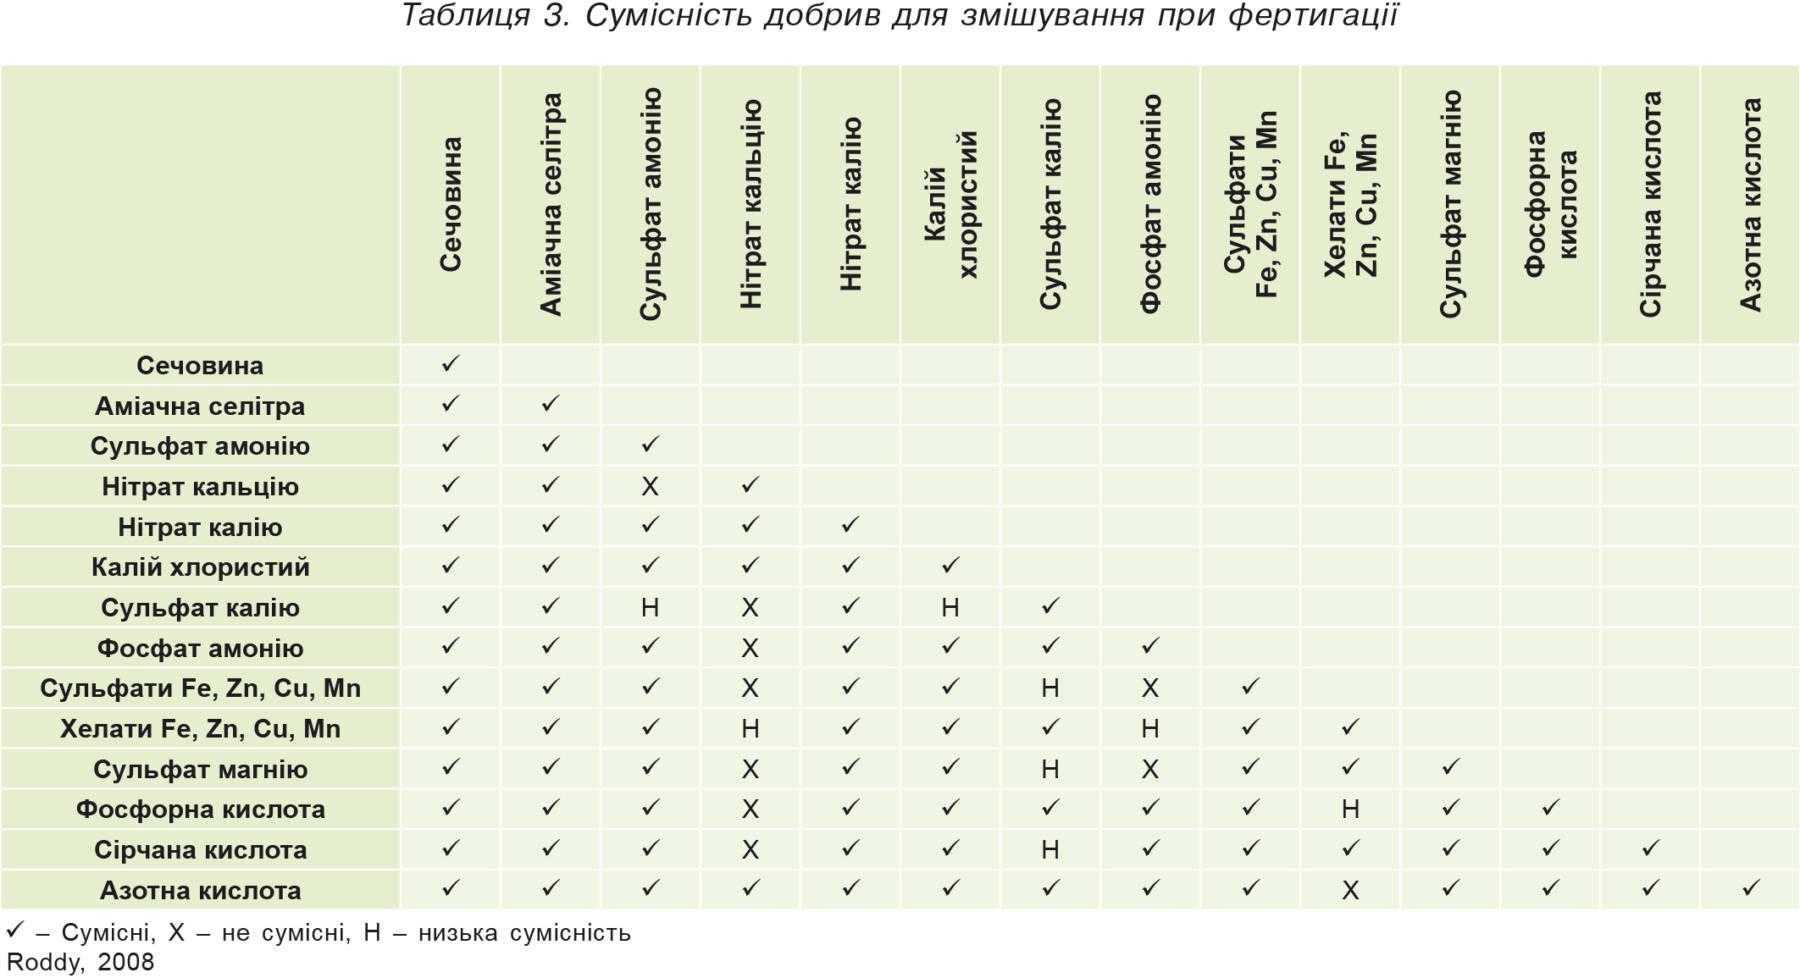 Таблиця3. Сумісність добрив для змішування при фертигації